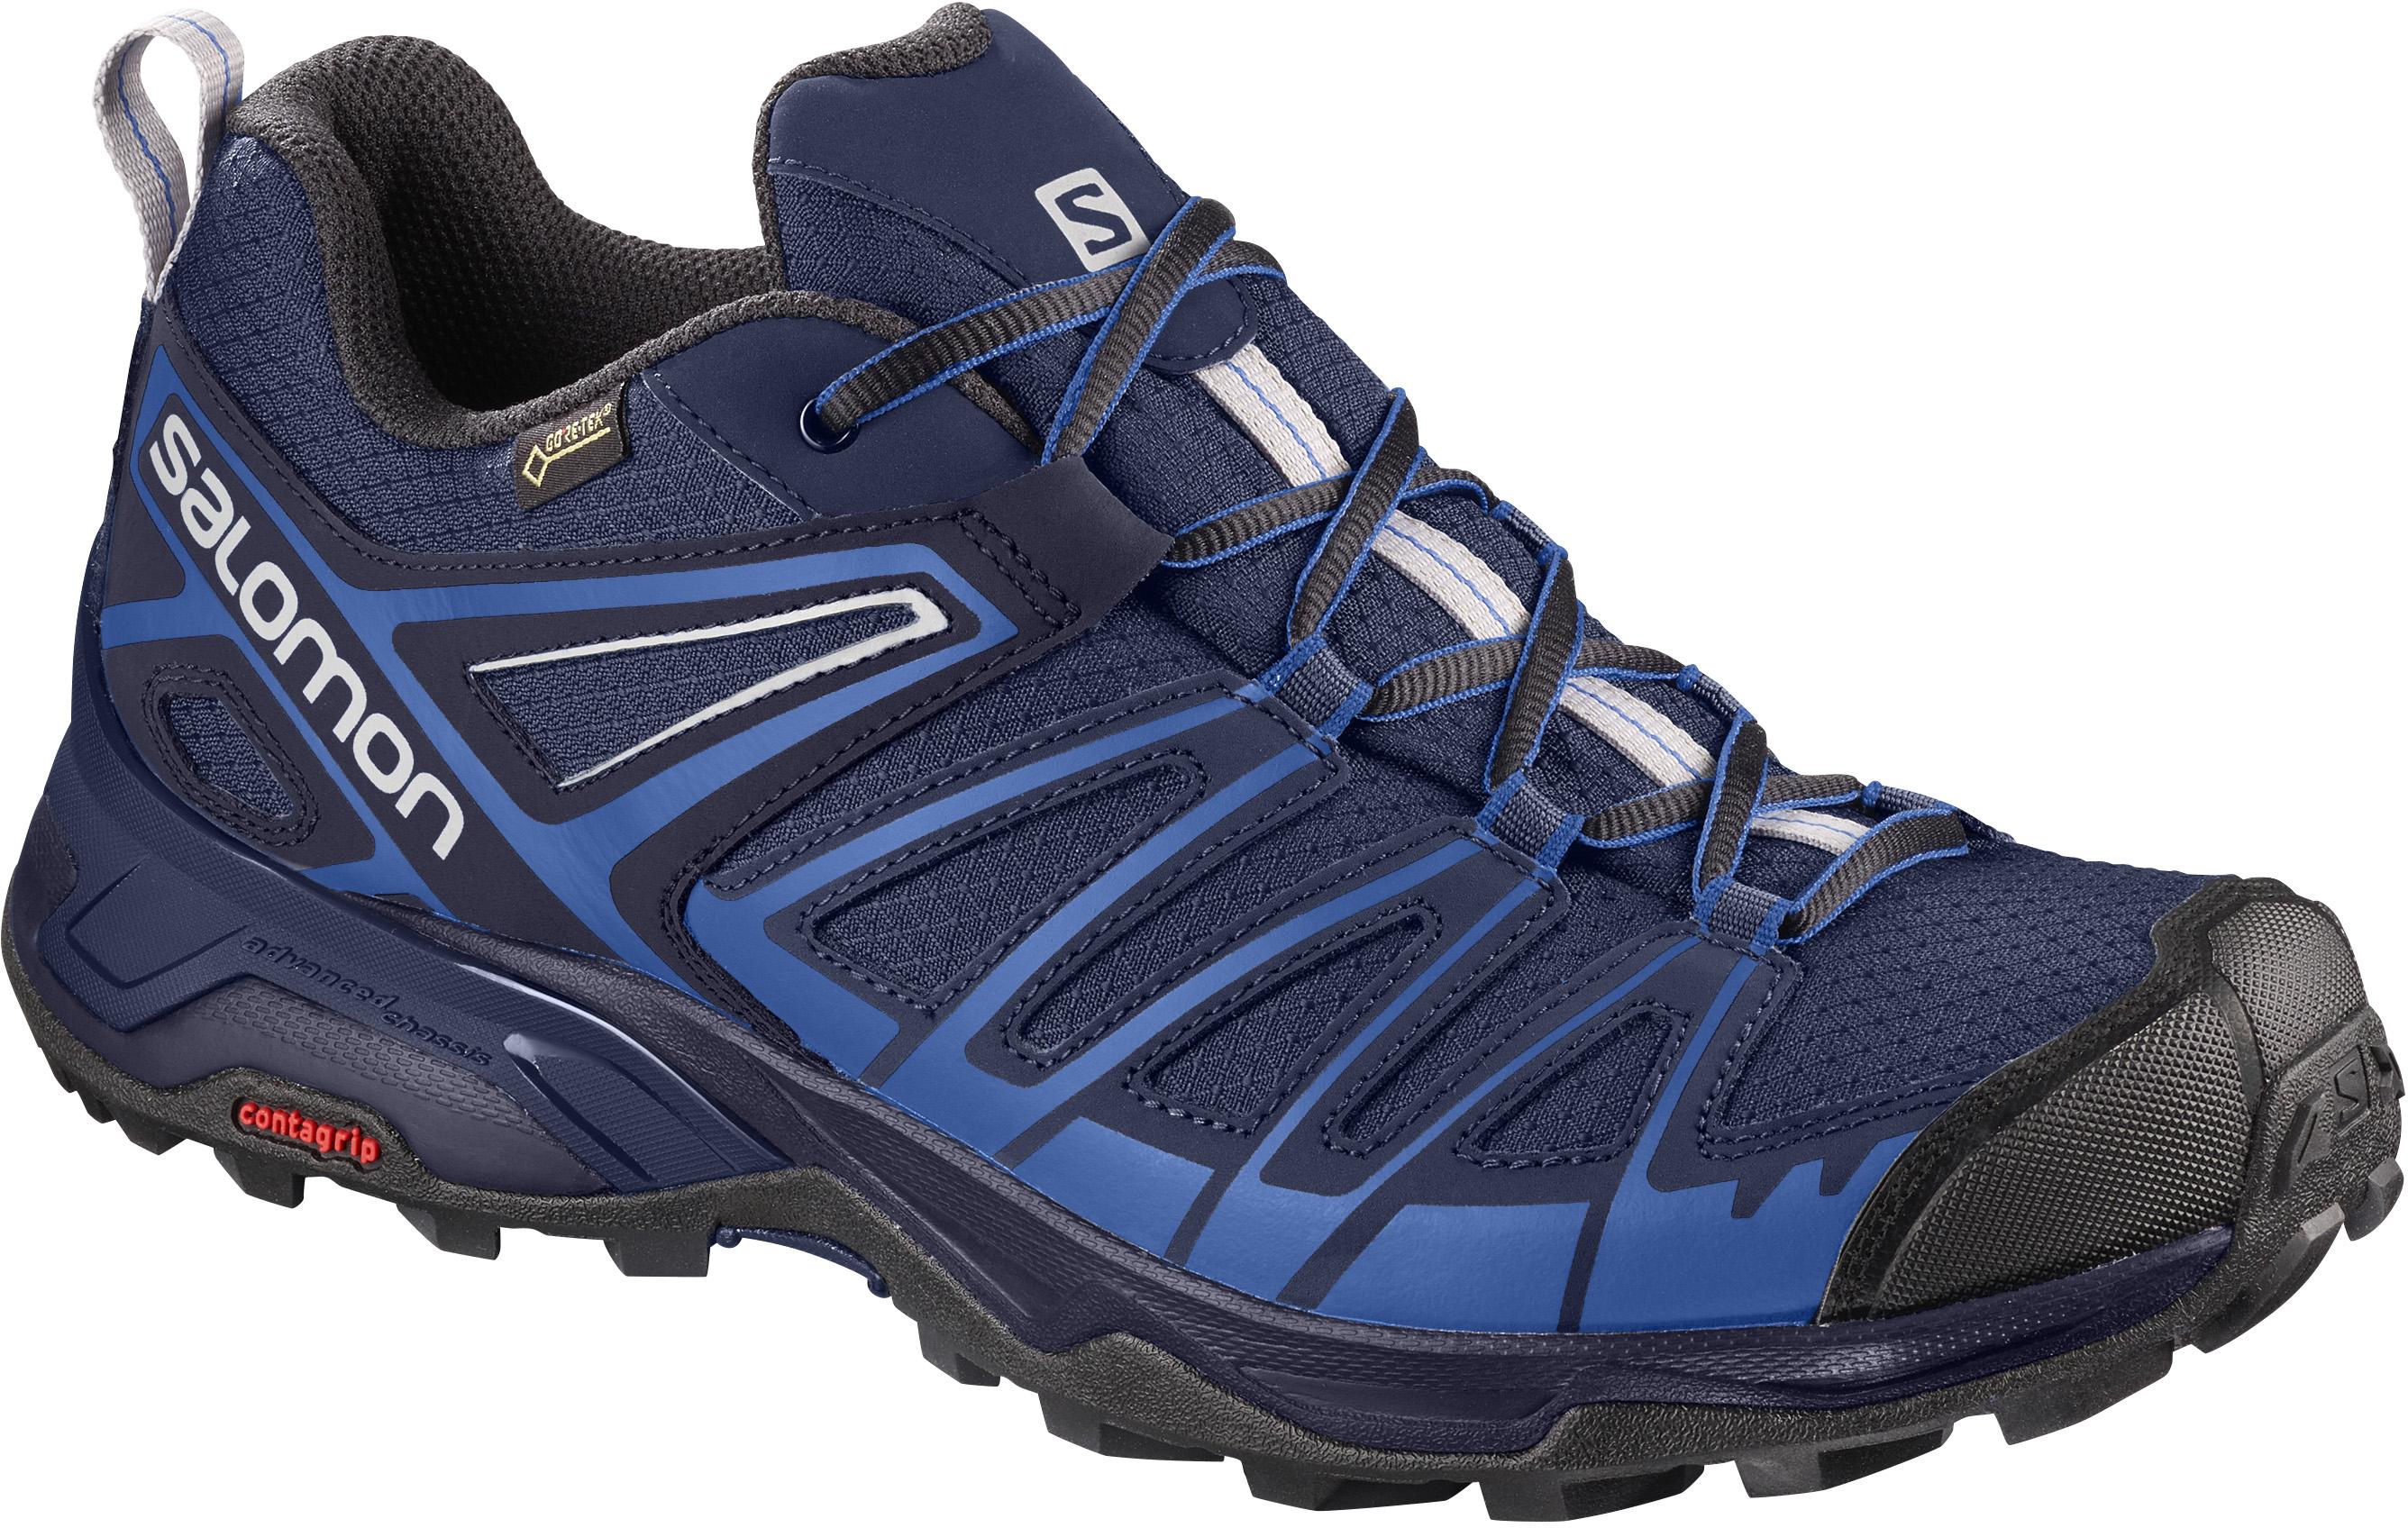 Details zu Salomon Schuhe X Ultra 3 GTX Gr 38 Damen Outdoor Goretex Wandern